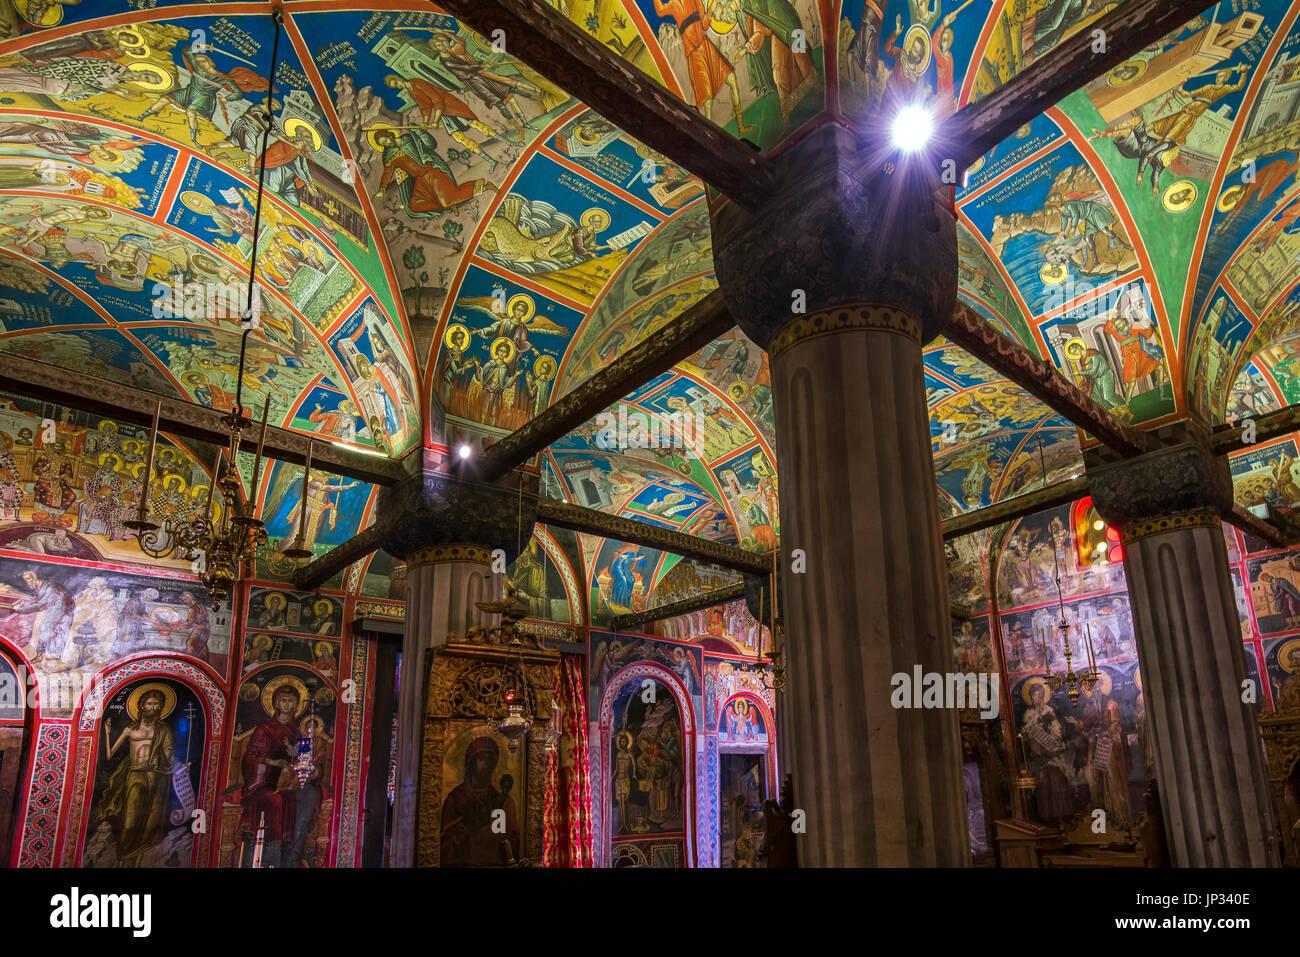 """14. Jahrhundert datiert Fresken im Inneren der großen Meteora Kloster mit dem Titel """"Martyrium der Heiligen"""" Meteora, Thessalien, Griechenland Stockbild"""